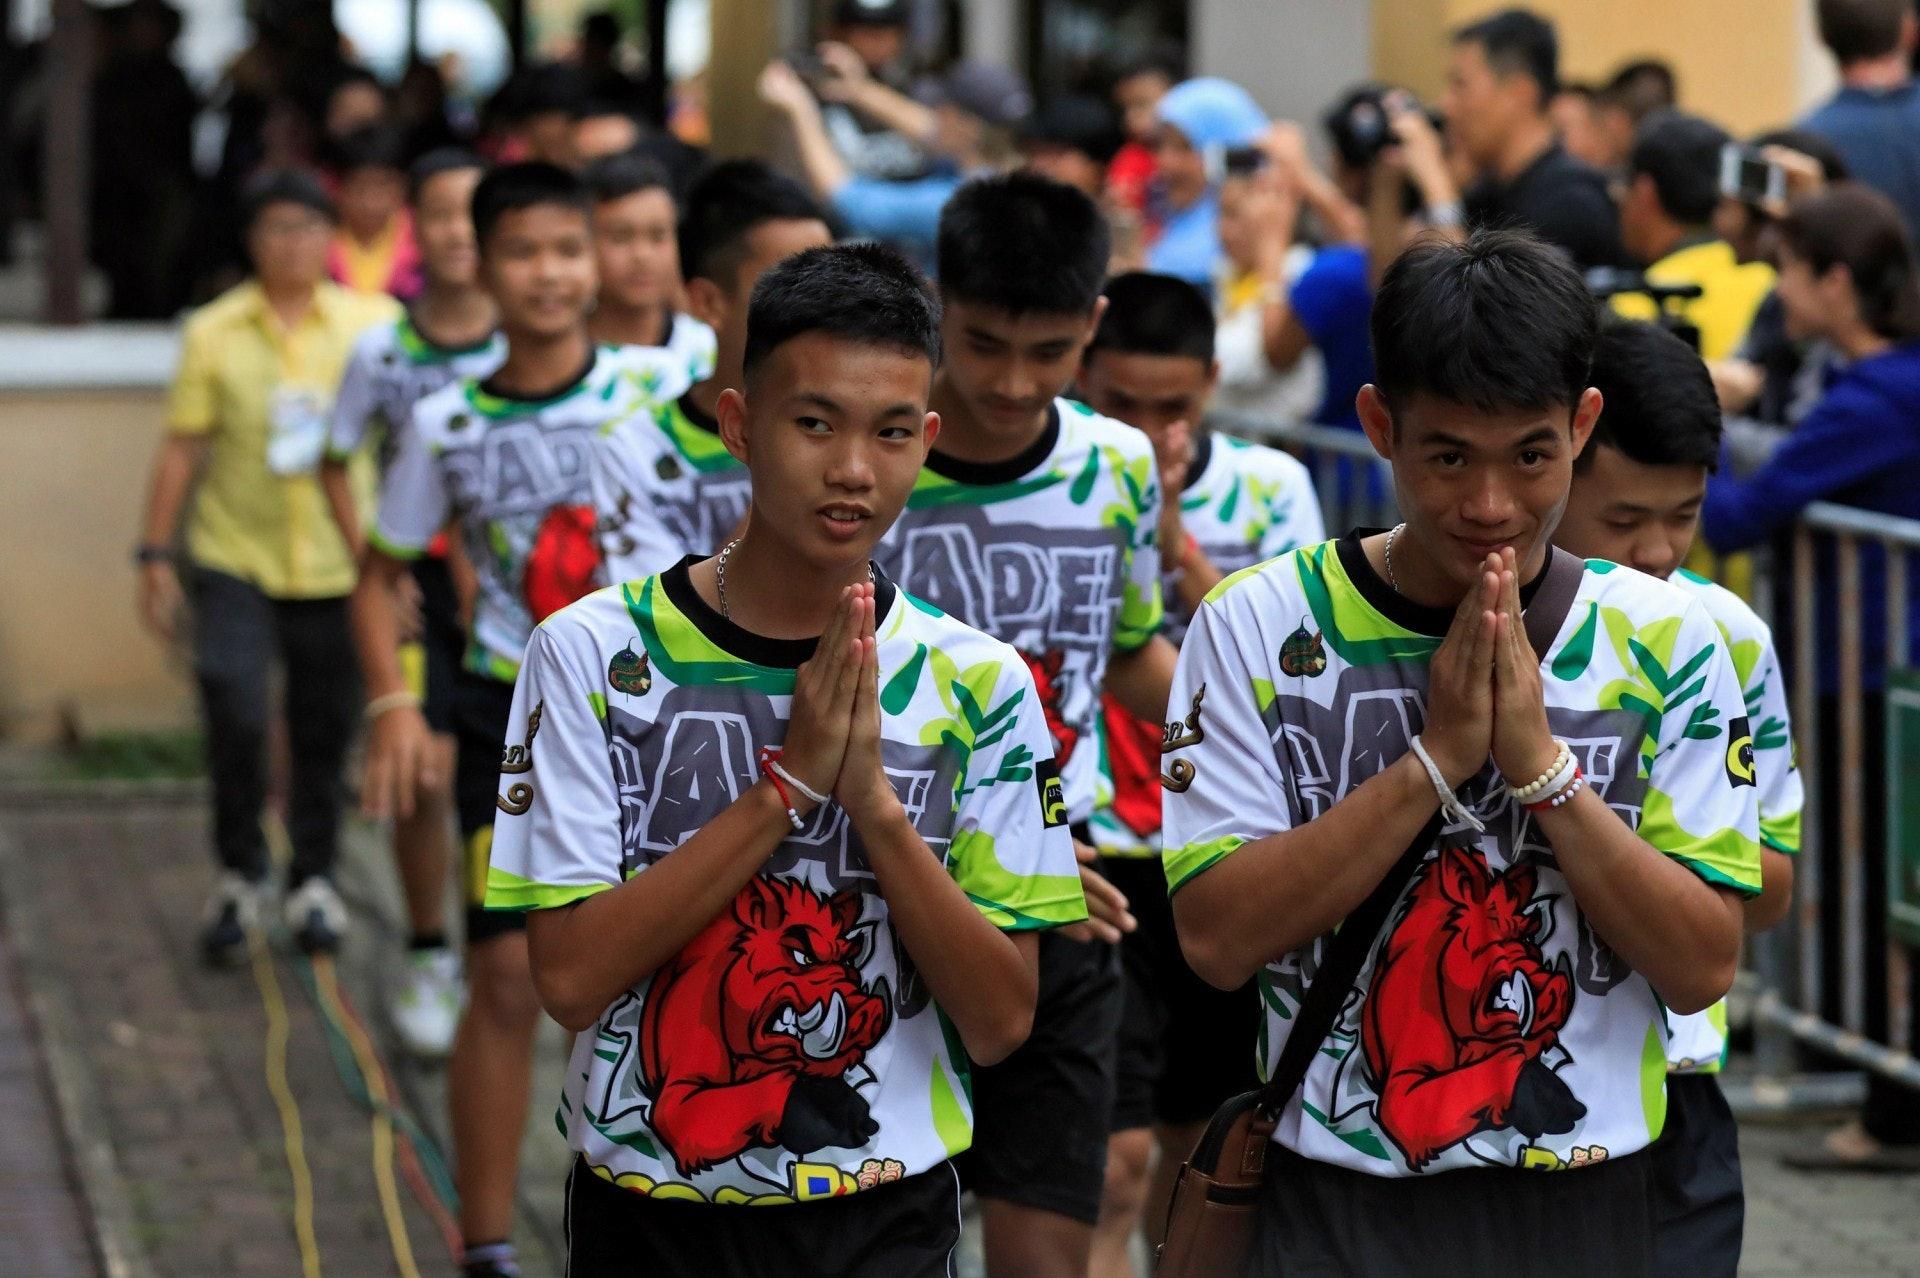 早前泰國少年足球隊獲救的13人,出院後出席記者會,分享受困至獲救的過程。(路透社)